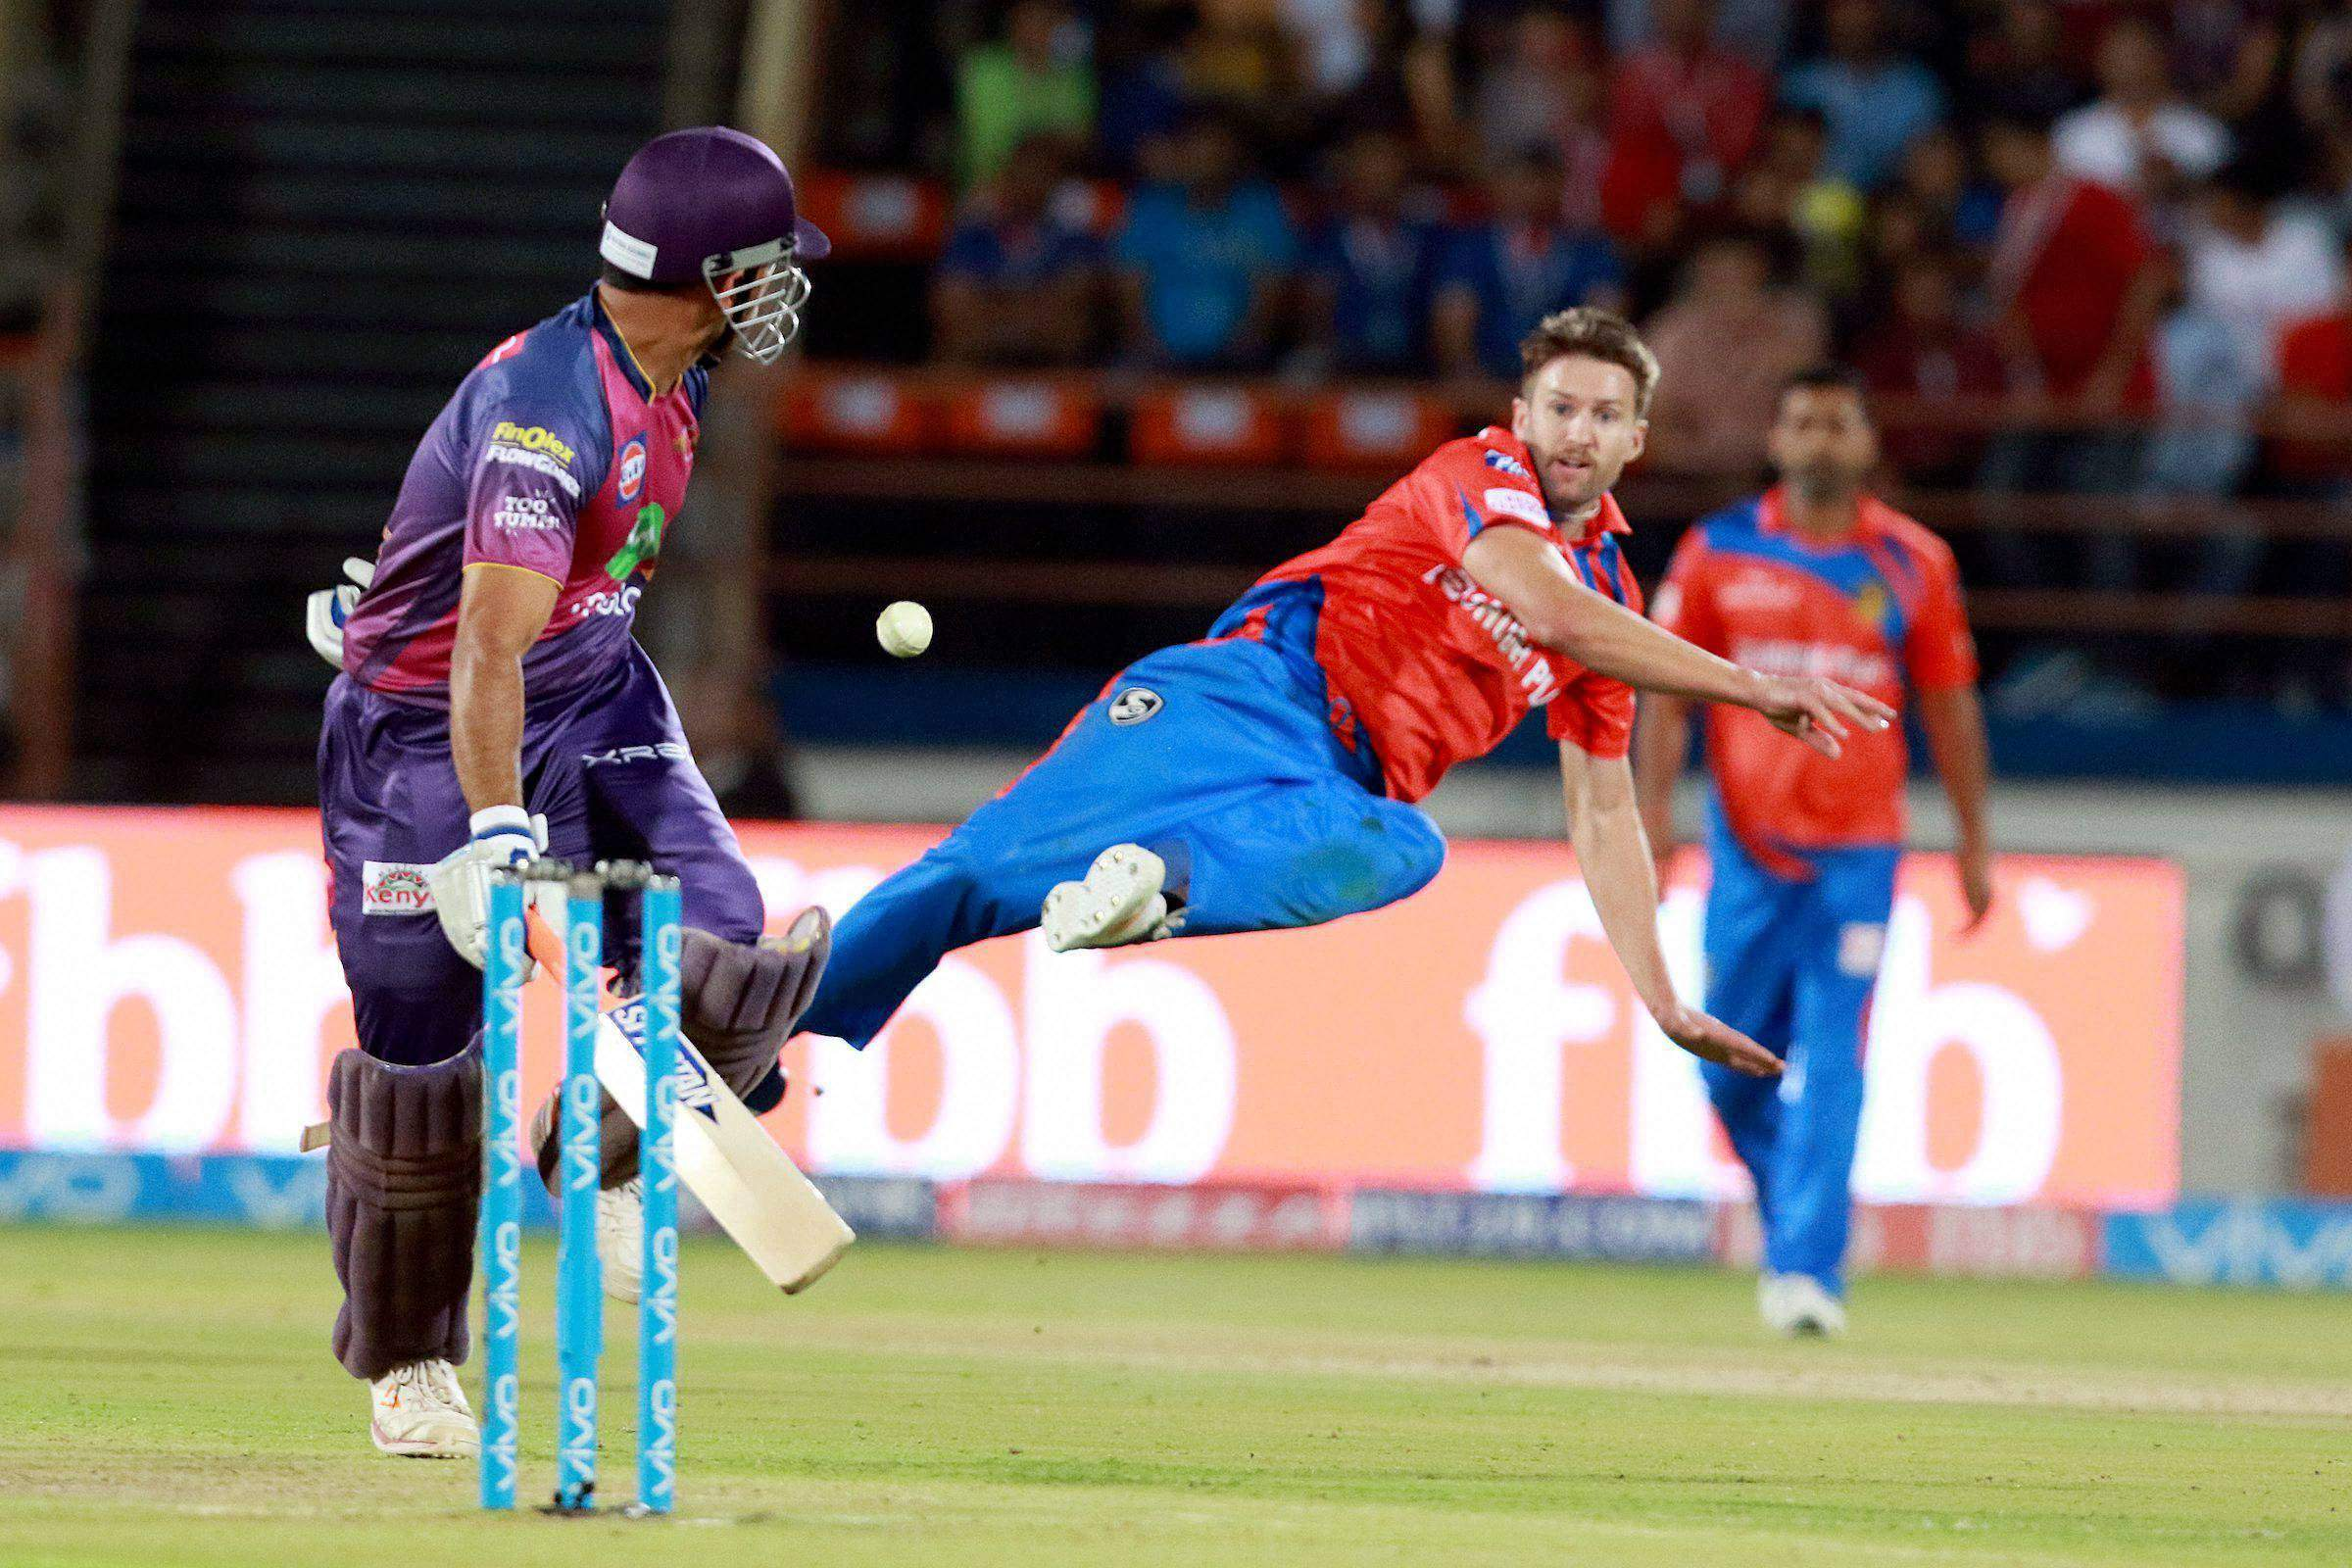 आॅस्ट्रेलिया क्रिकेट टीम के दिग्गज खिलाड़ी एंड्रूयू टाई ने चुना अपनी आॅल टाइम प्लेइंग इलेवन ड्रीम्स टीम इस भारतीय को मिली जगह, इस दिग्गज को सौपी कप्तानी 7